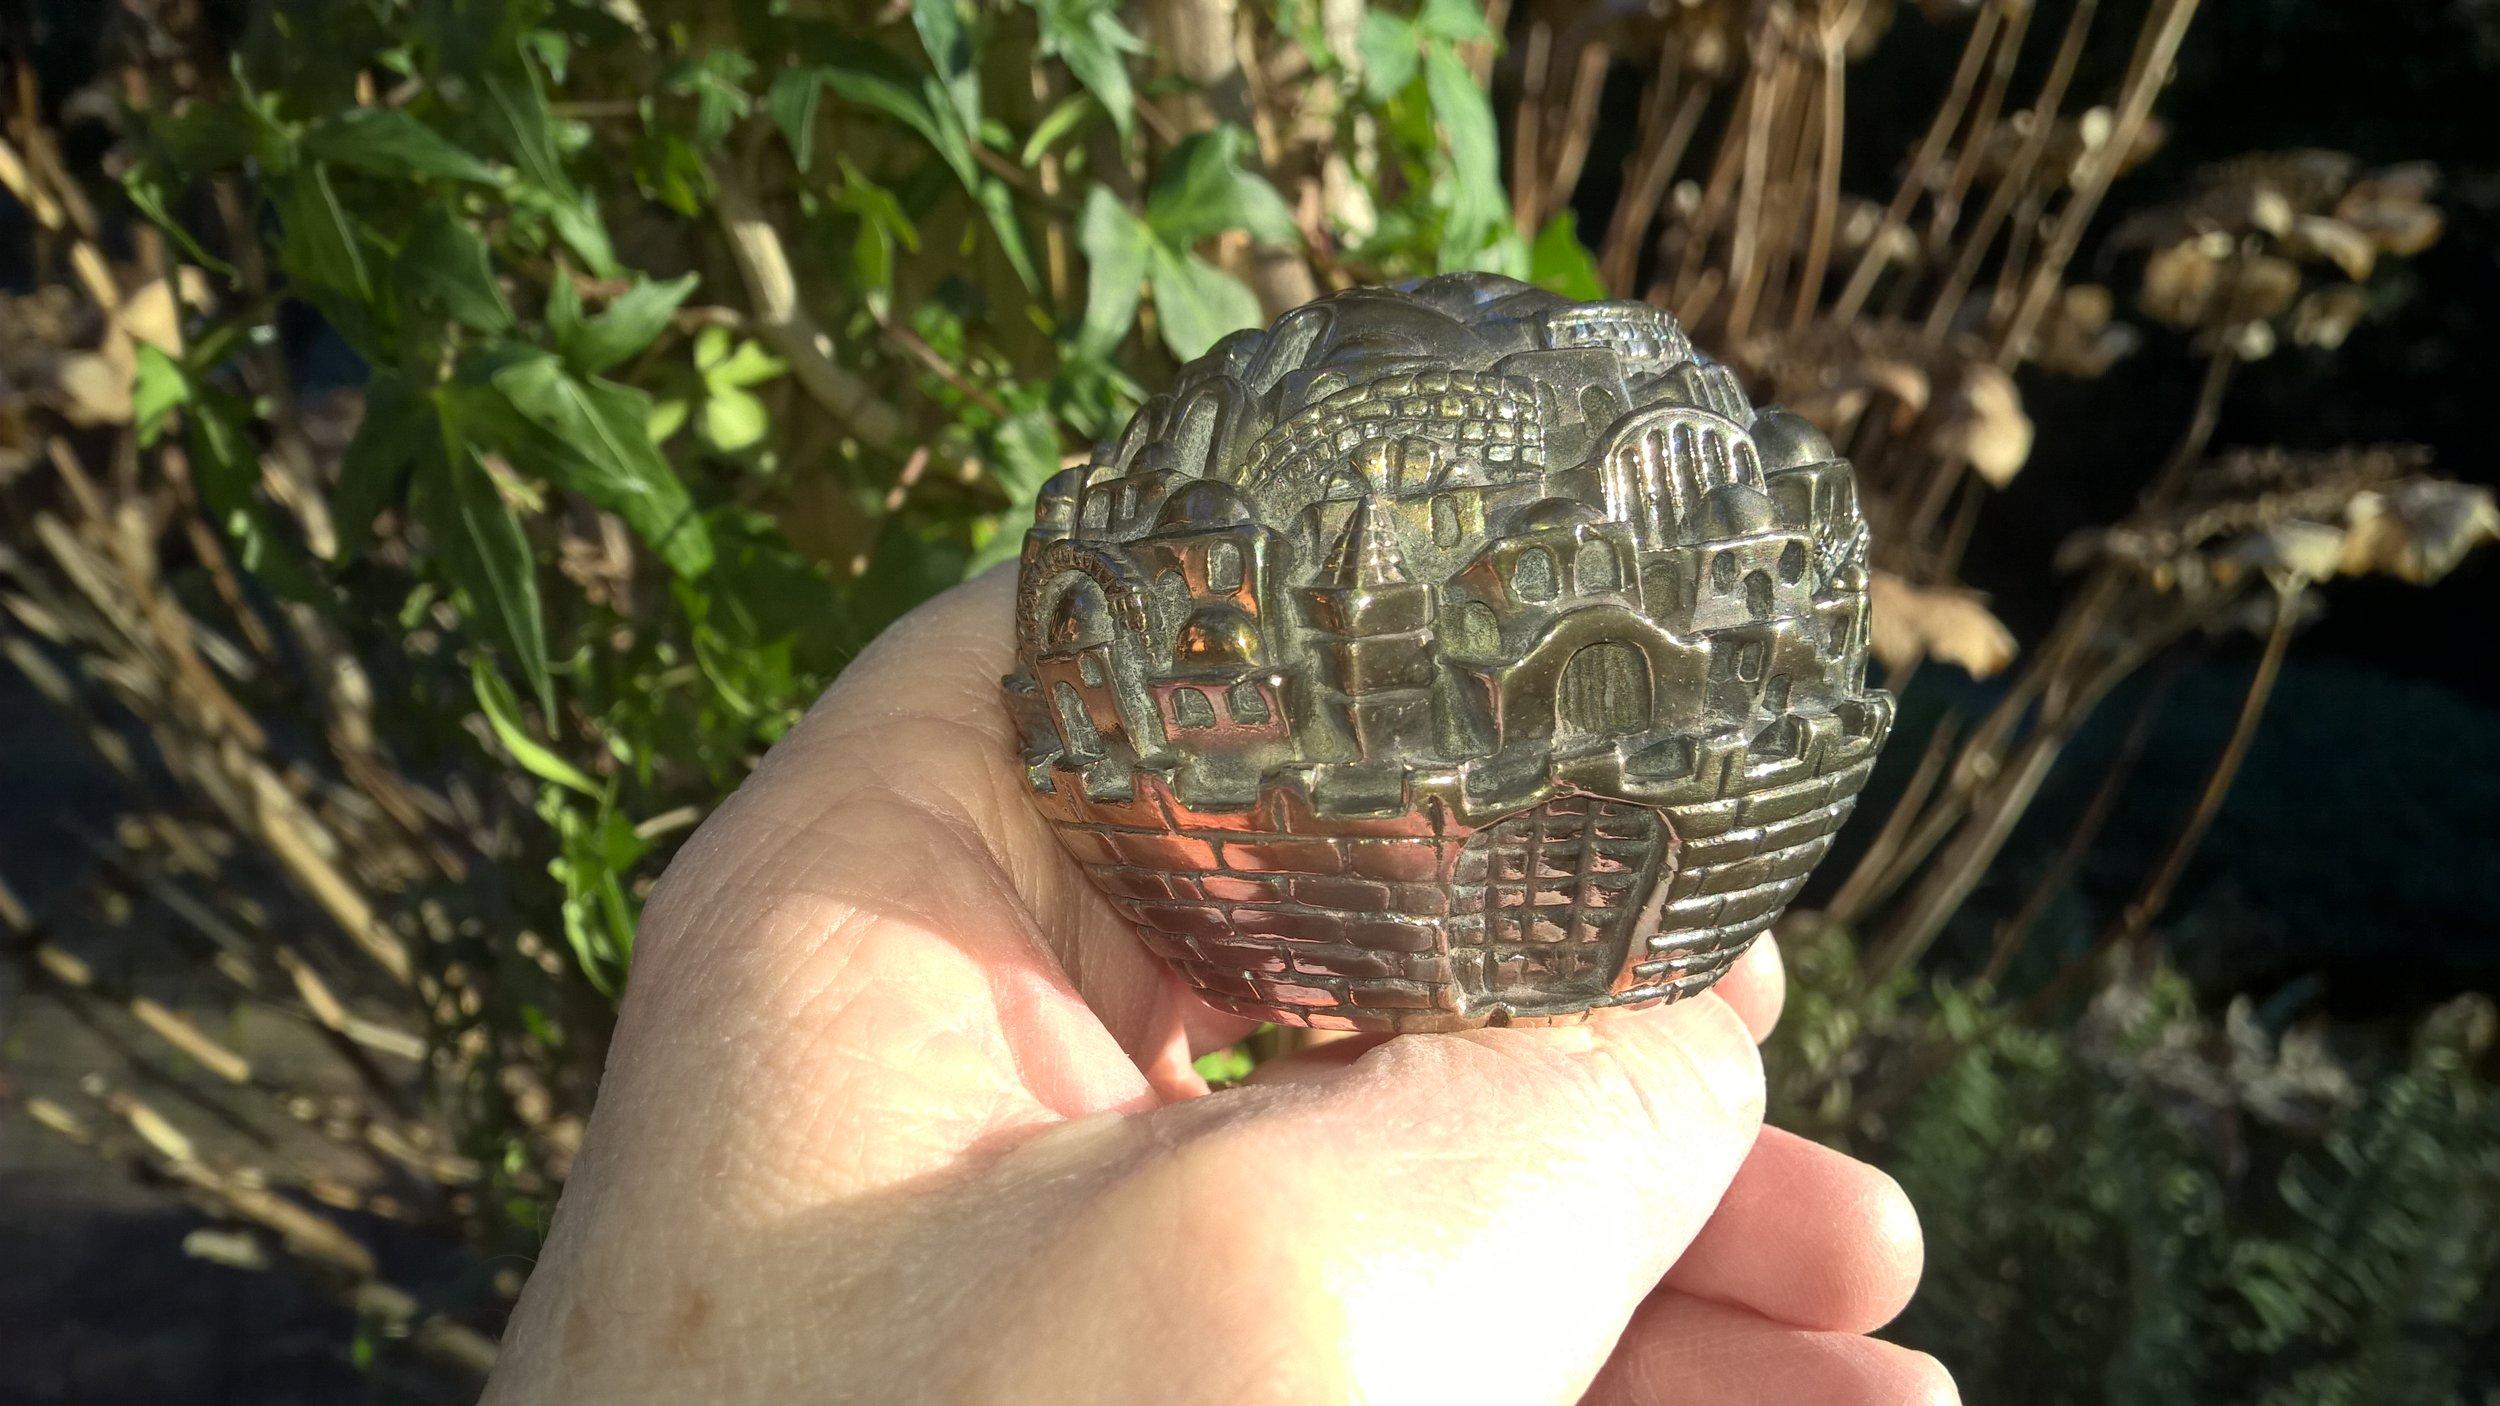 Replica of a sculpture of ancient Jerusalem.